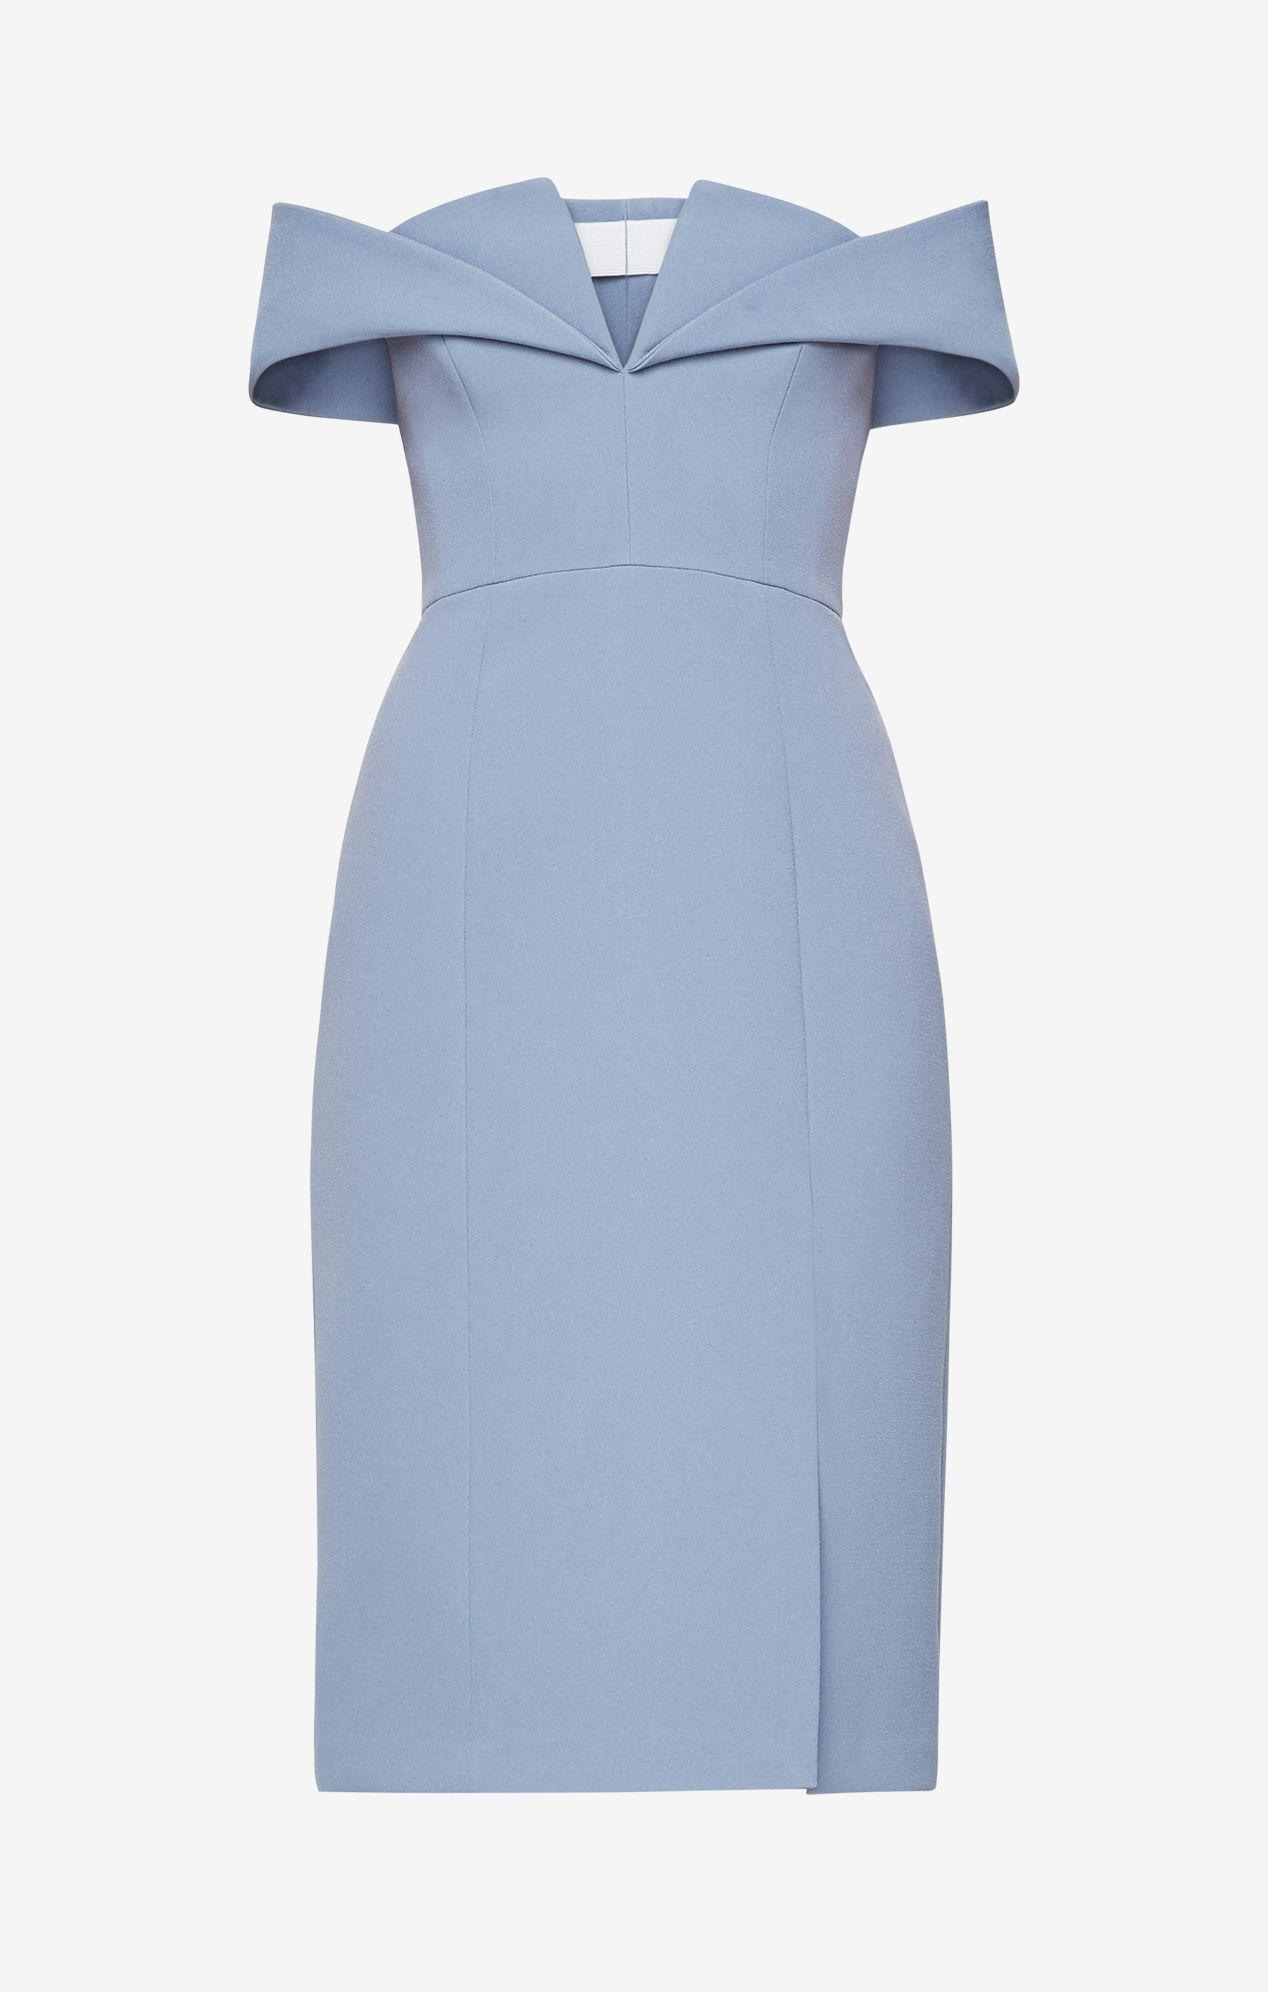 15 Leicht Tolle Kleider Für Hochzeitsgäste Vertrieb17 Perfekt Tolle Kleider Für Hochzeitsgäste Spezialgebiet